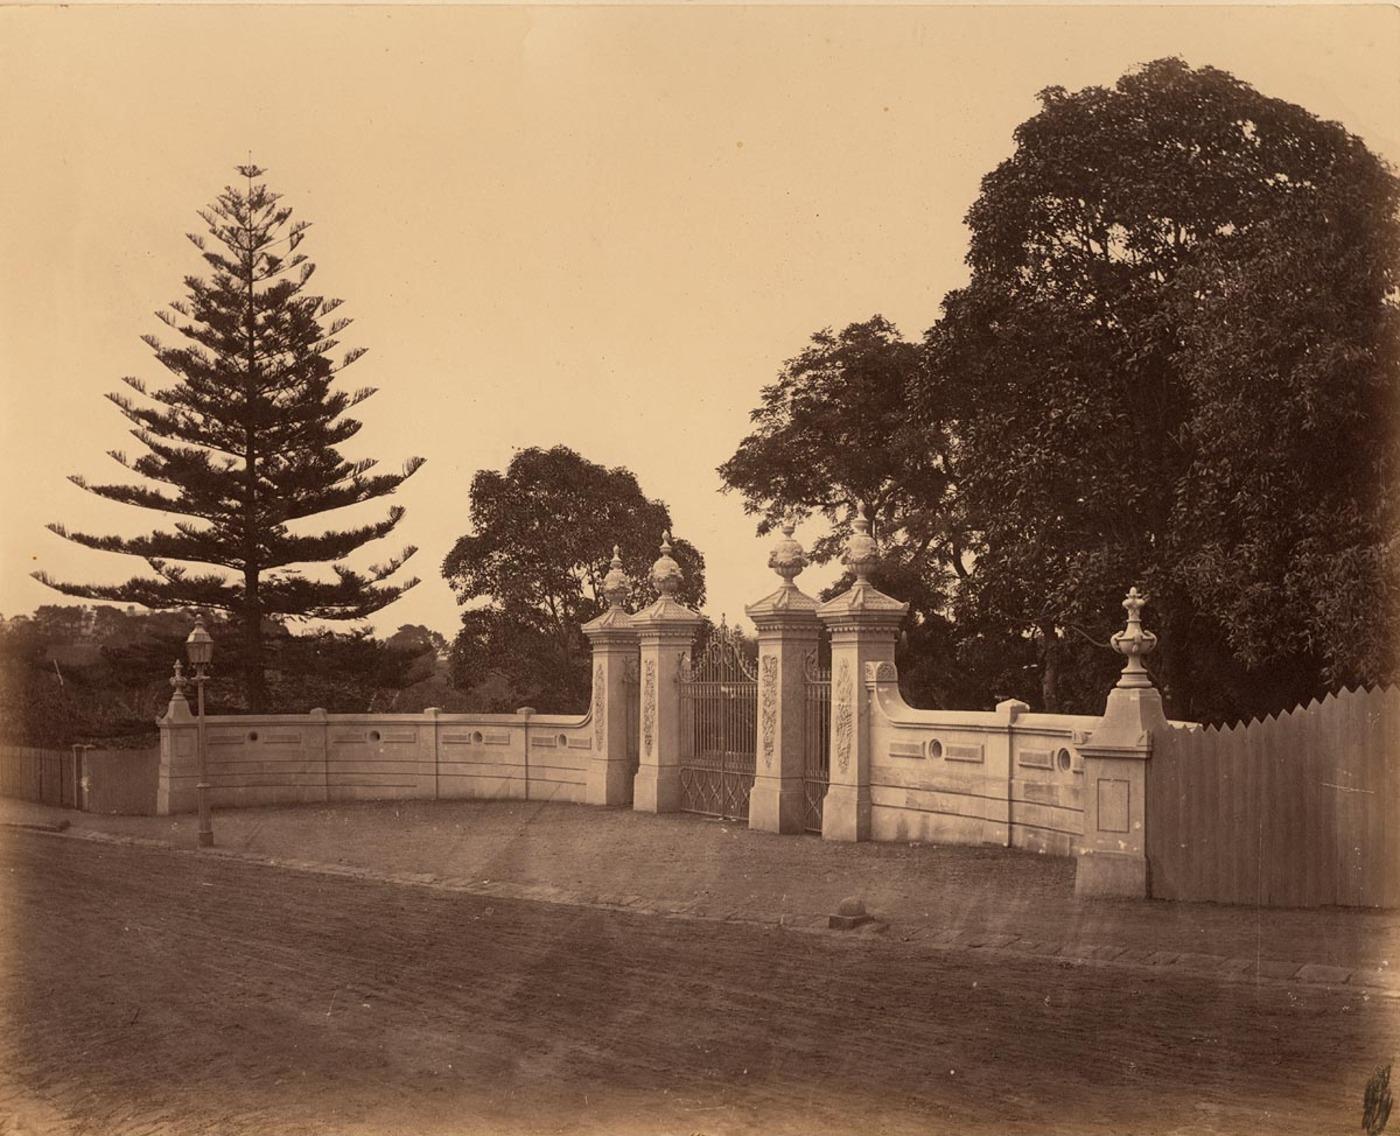 [Entrance gates to the Botanic Gardens, Domain, Sydney]